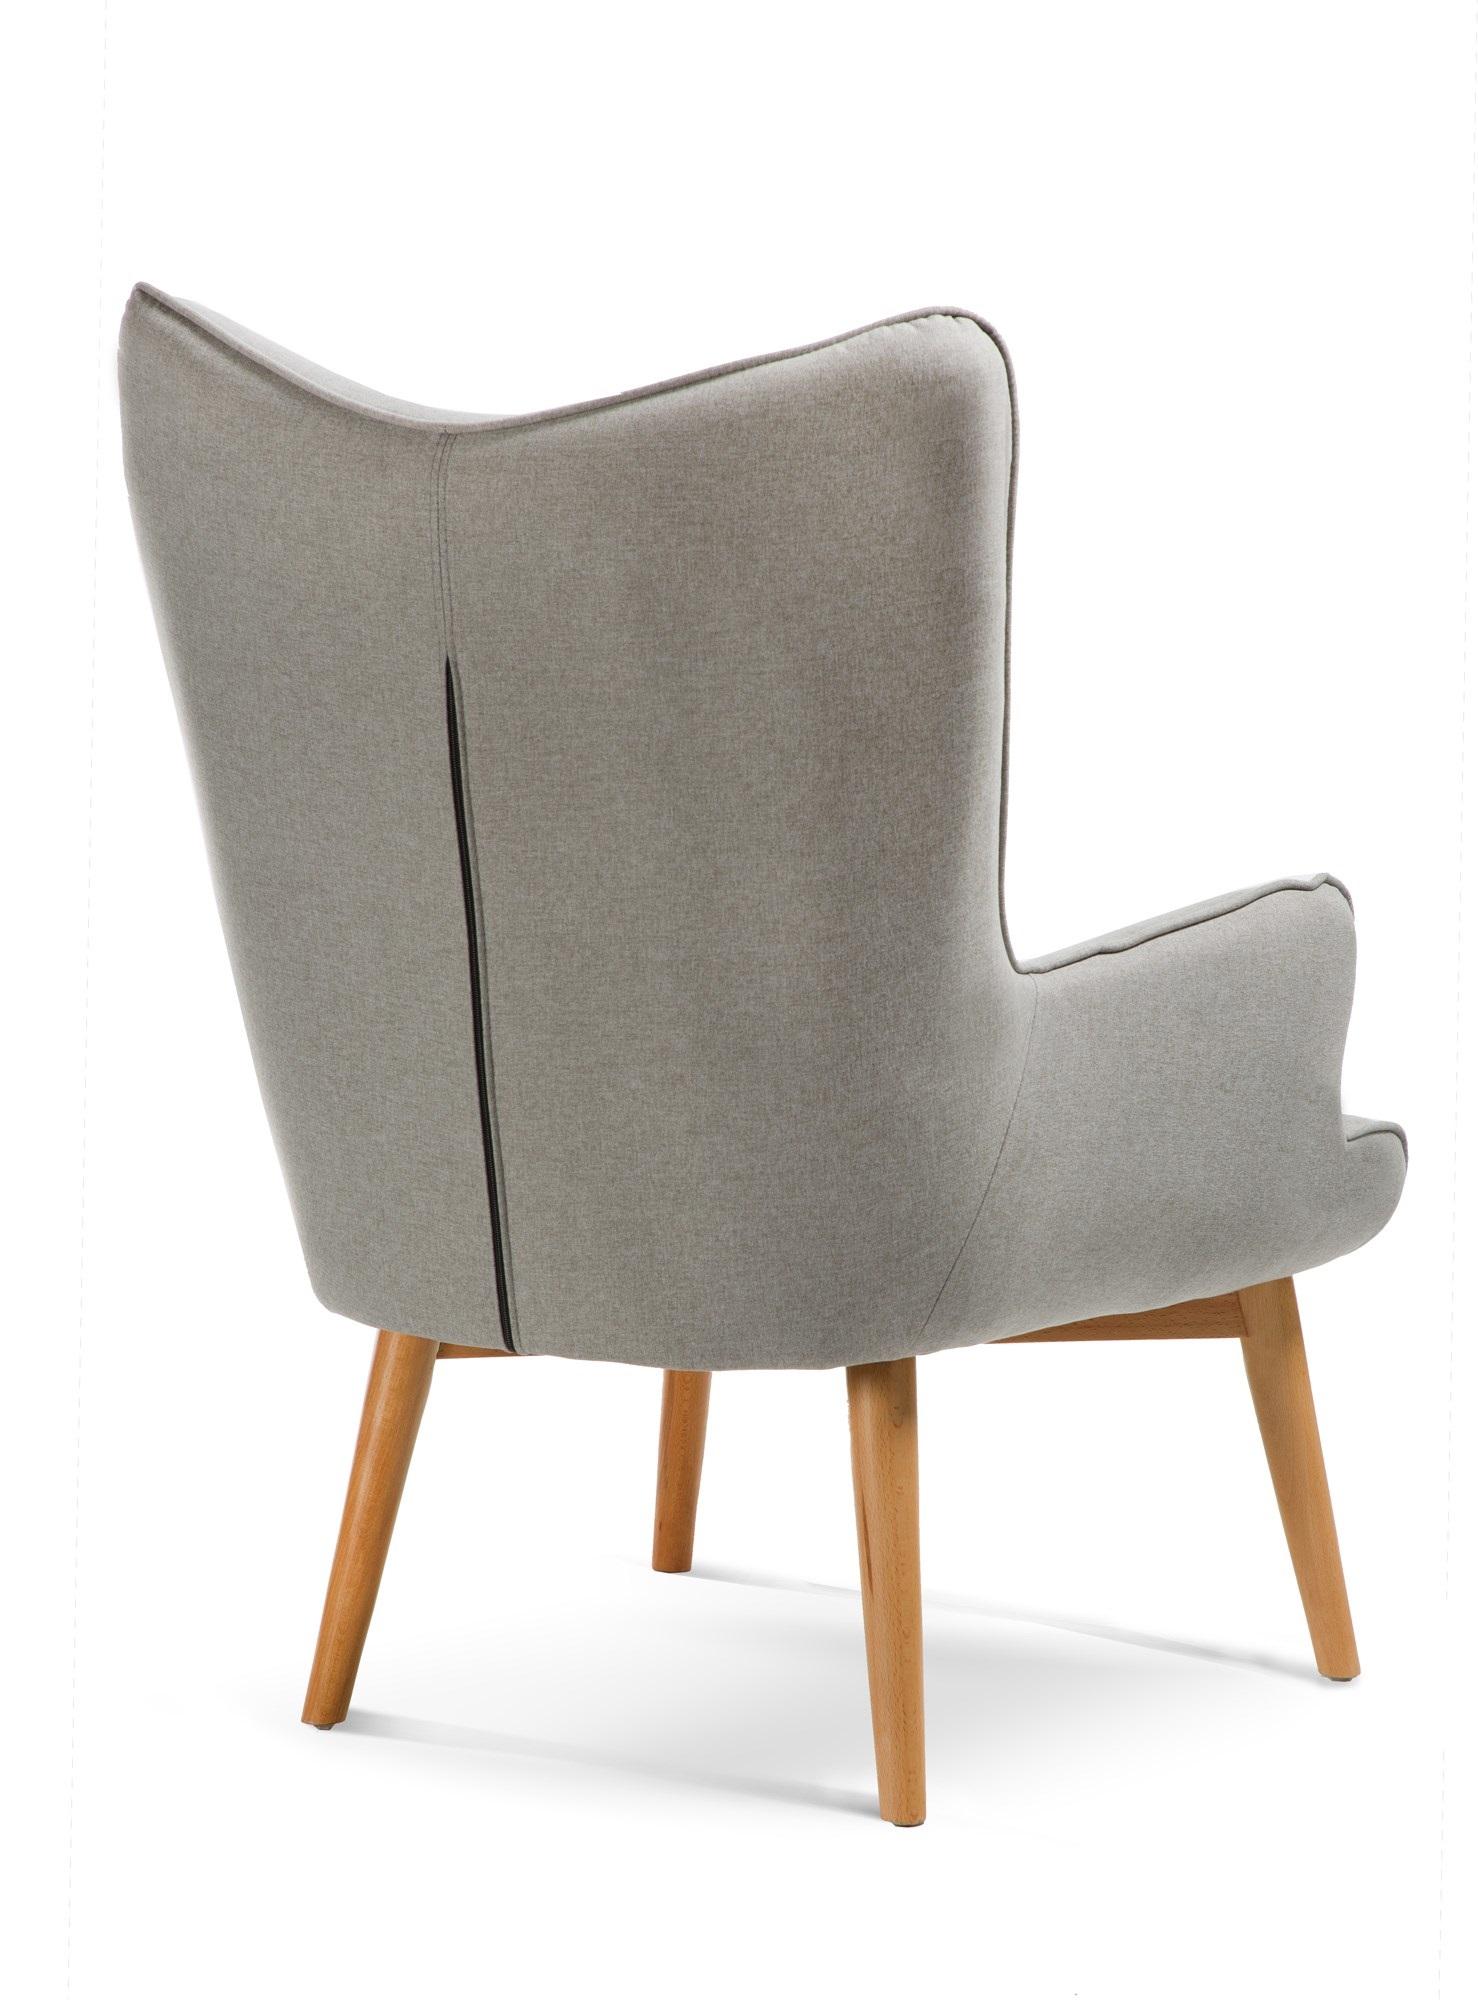 כורסה מודרנית בעלת שלדת עץ אורן ריפוד בד ומערכת תמיכת ישיבה מתקדמת דגם בסקי ביתילי  - תמונה 5